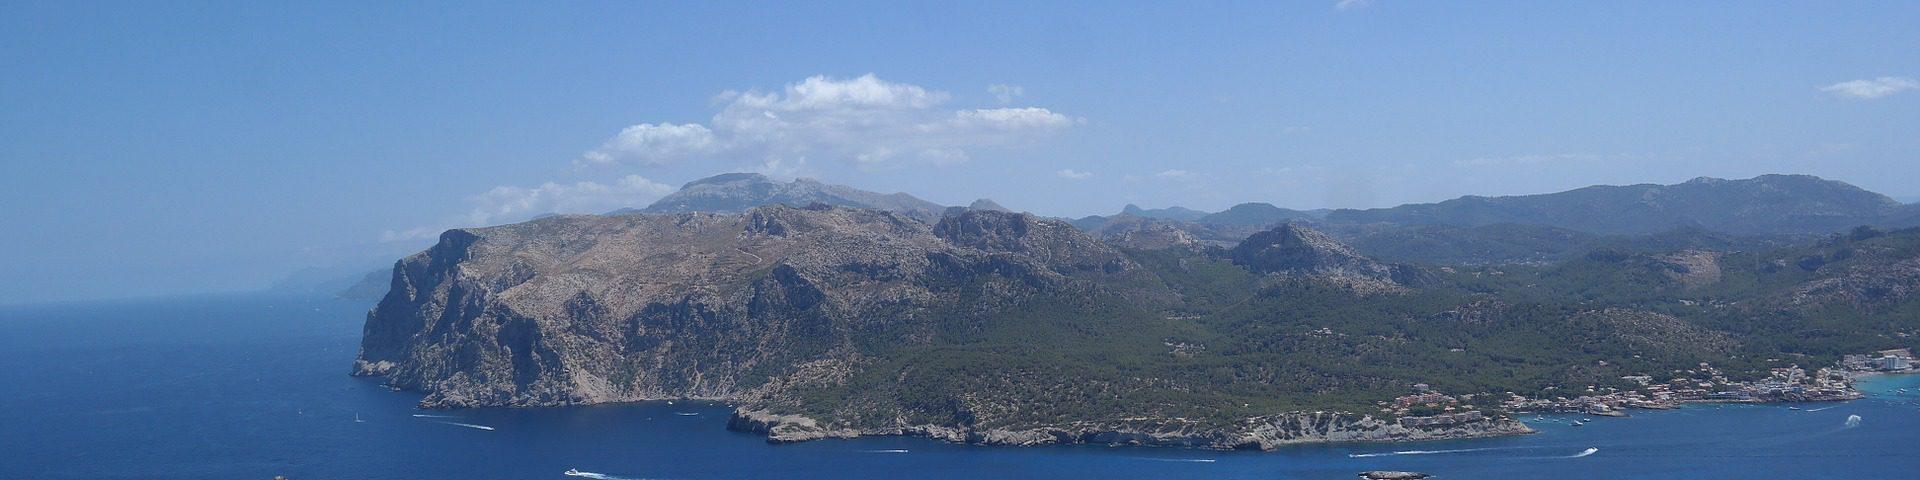 Tauchen auf Mallorca - Dragonera